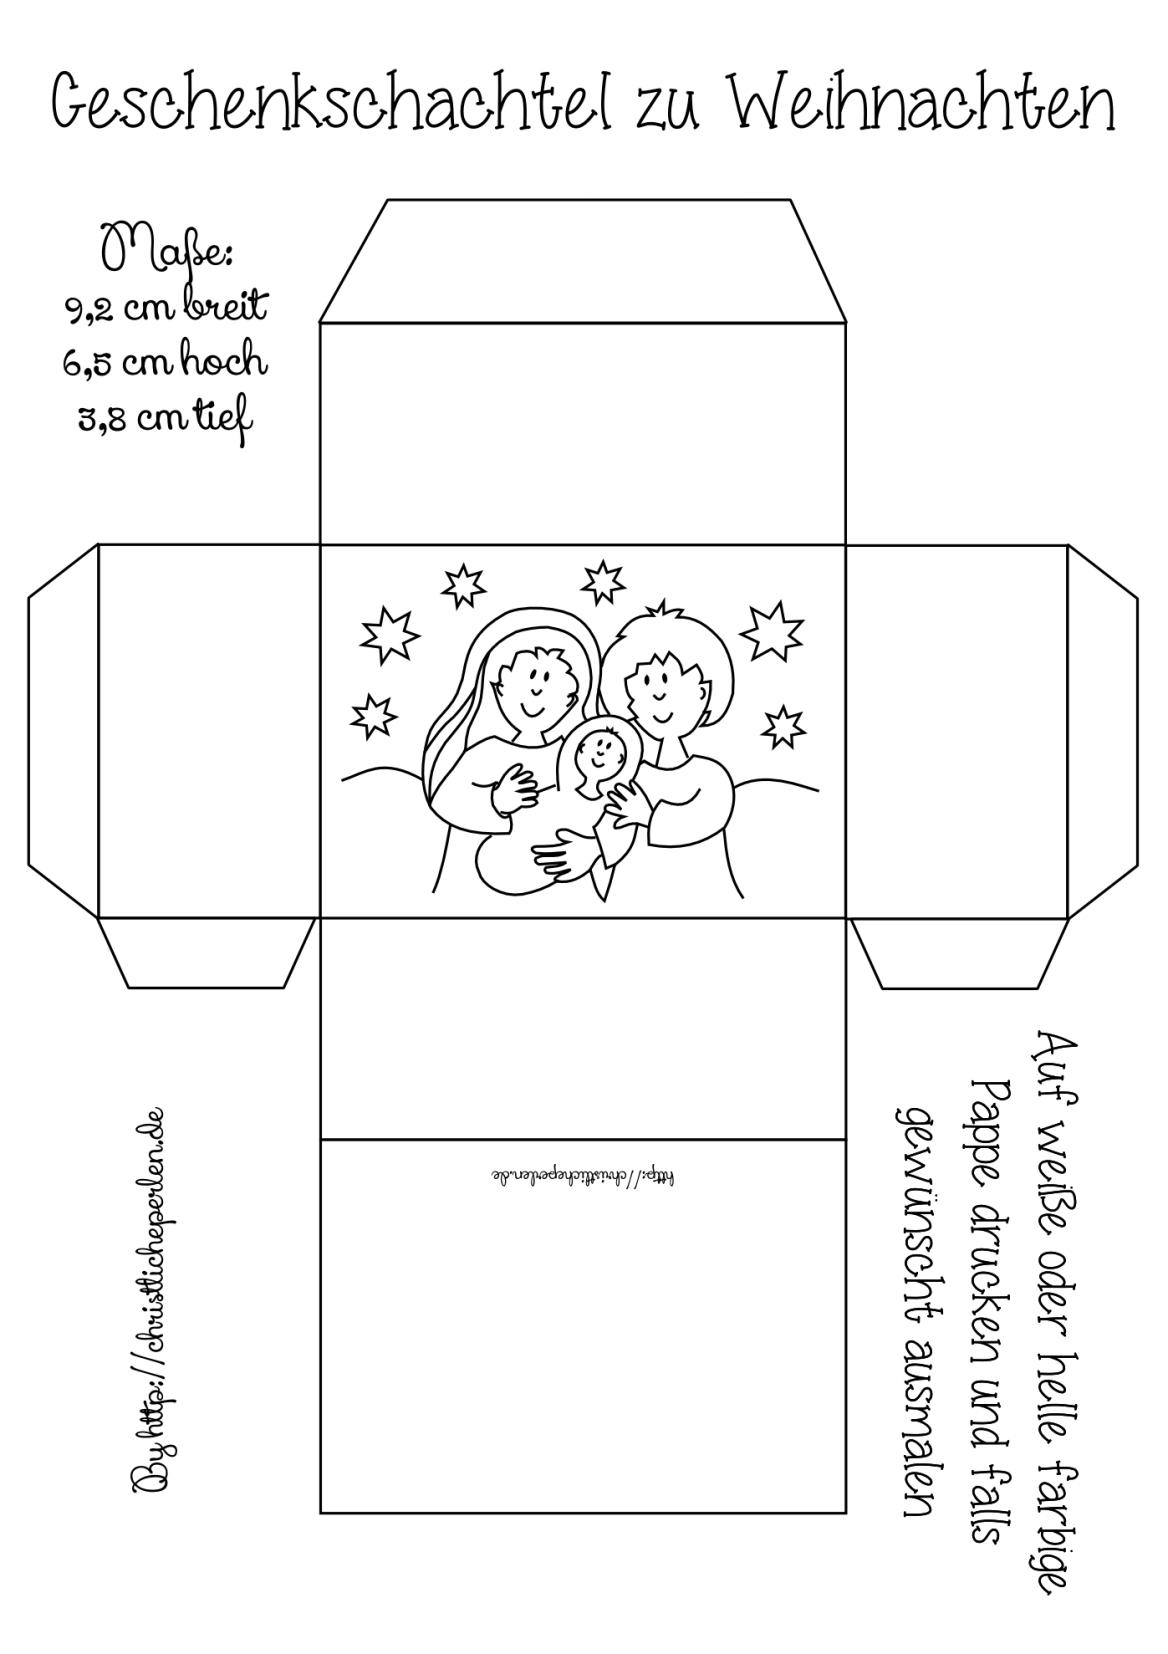 Adventskalender | Christliche Perlen | Weihnachten Basteln in Weihnachten Basteln Vorlagen Kostenlos